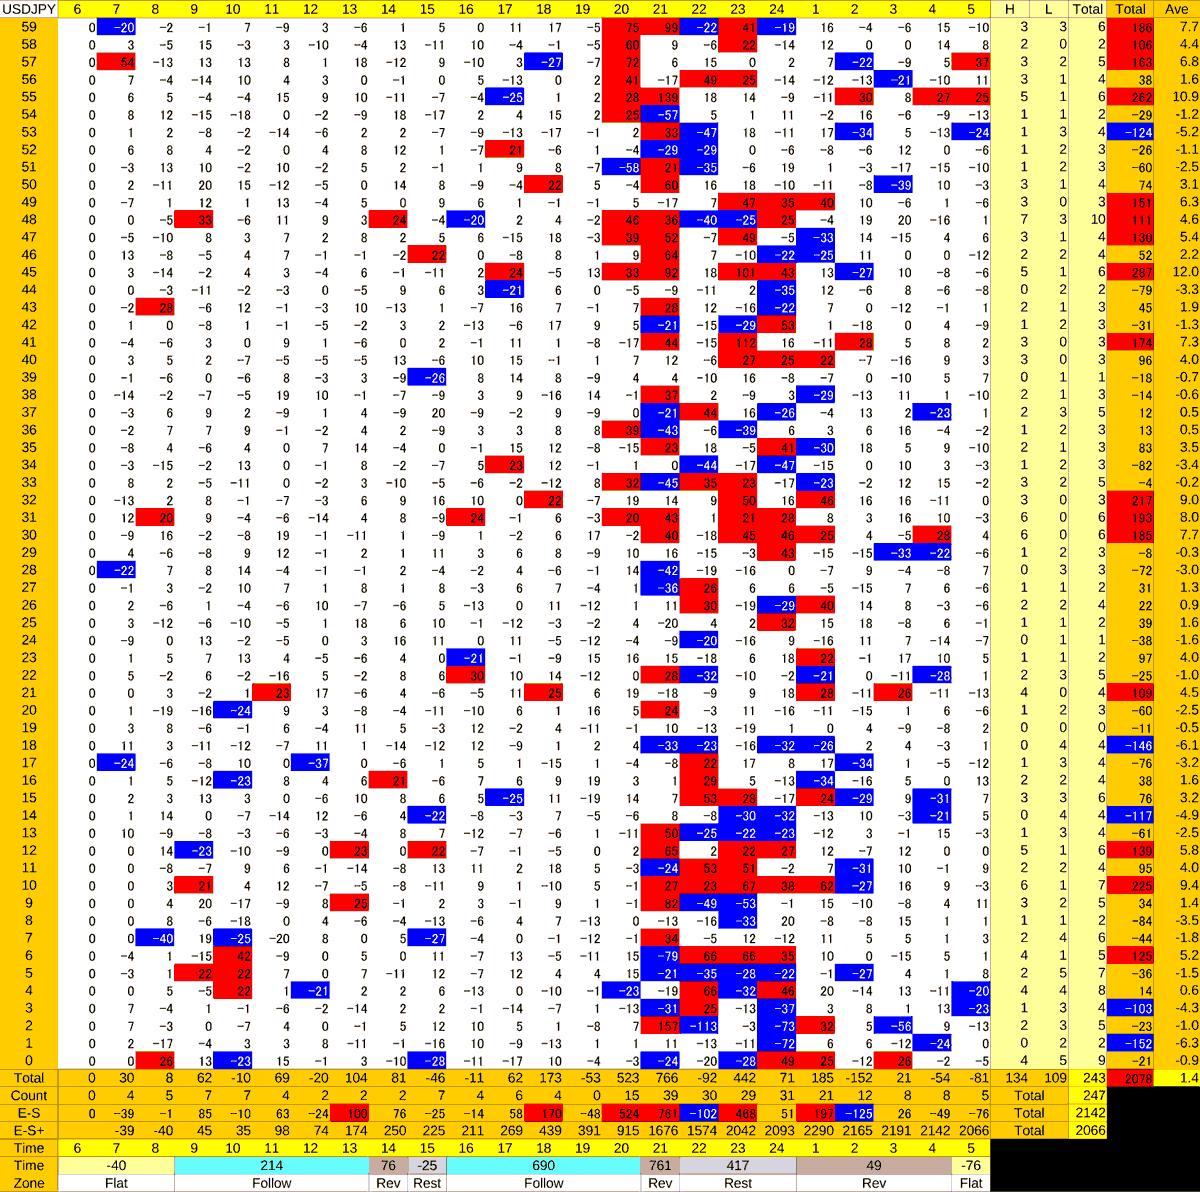 20201109_HS(1)USDJPY